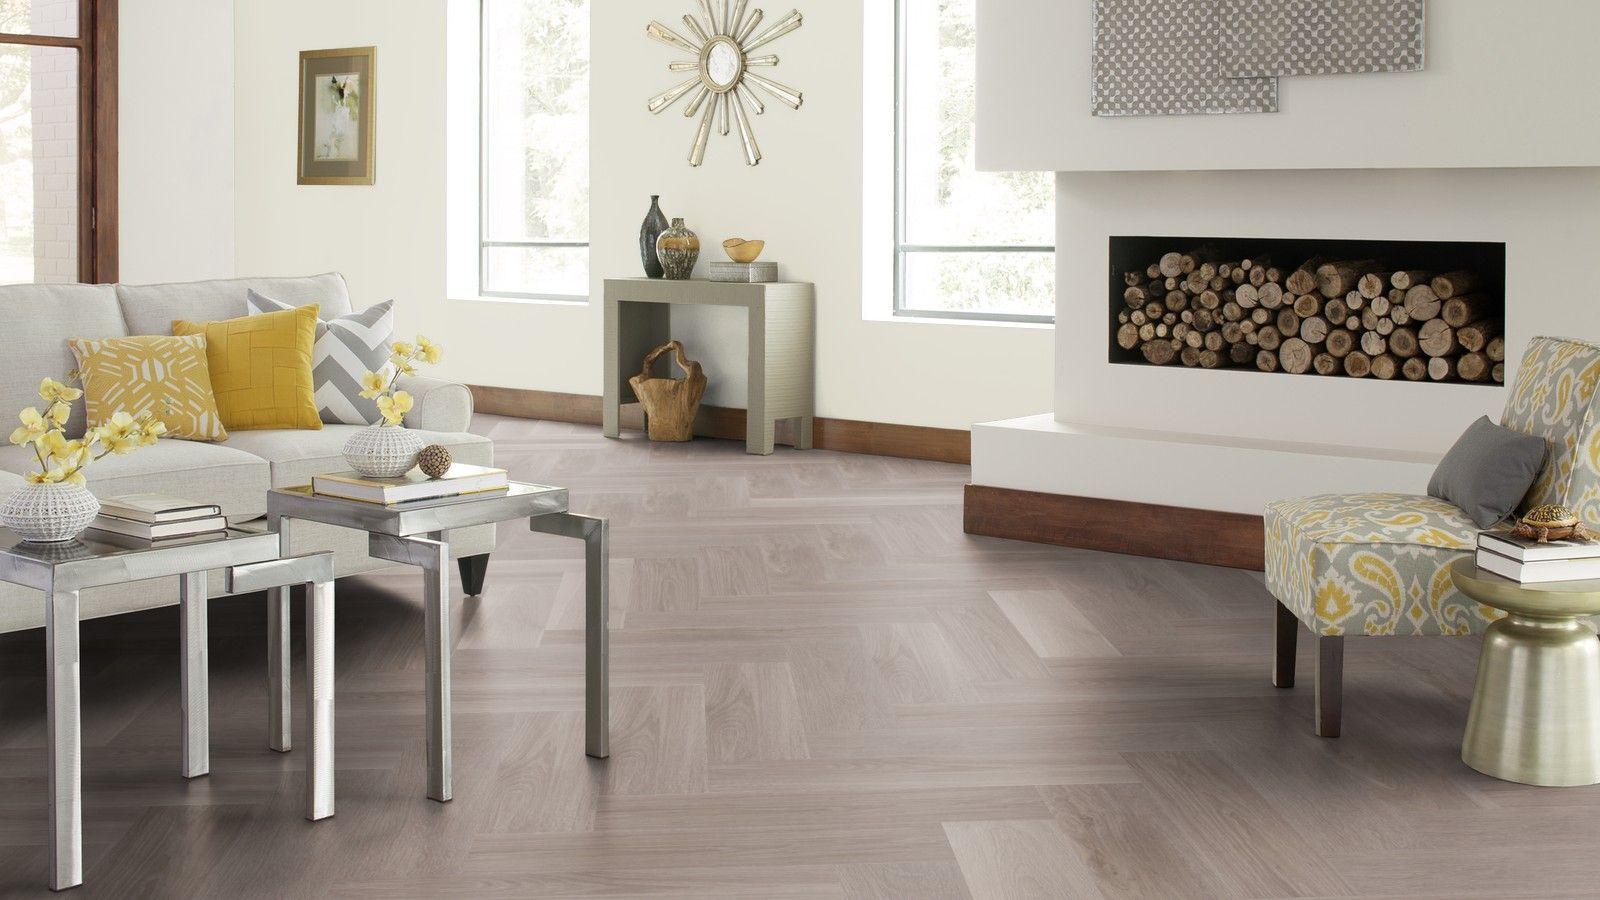 Pvc Vloeren Goedkoop : Cavallo floors heeft veel ervaring in het goedkoop leggen en